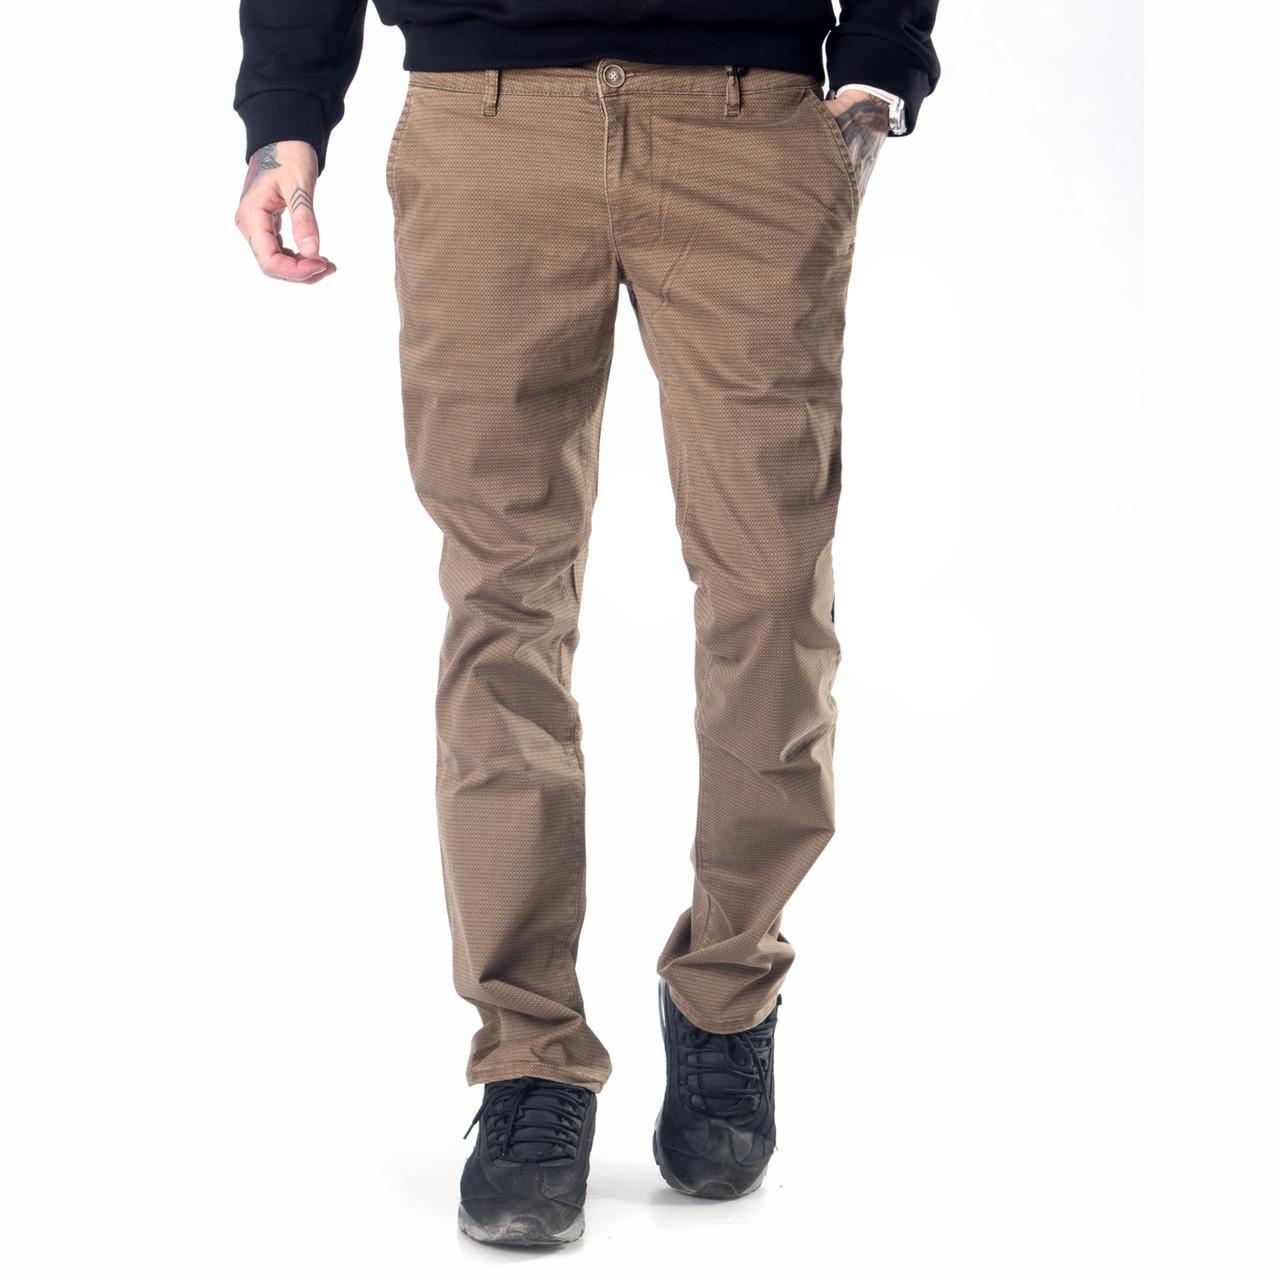 Мужские джинсы демисезонные 16-172 хаки